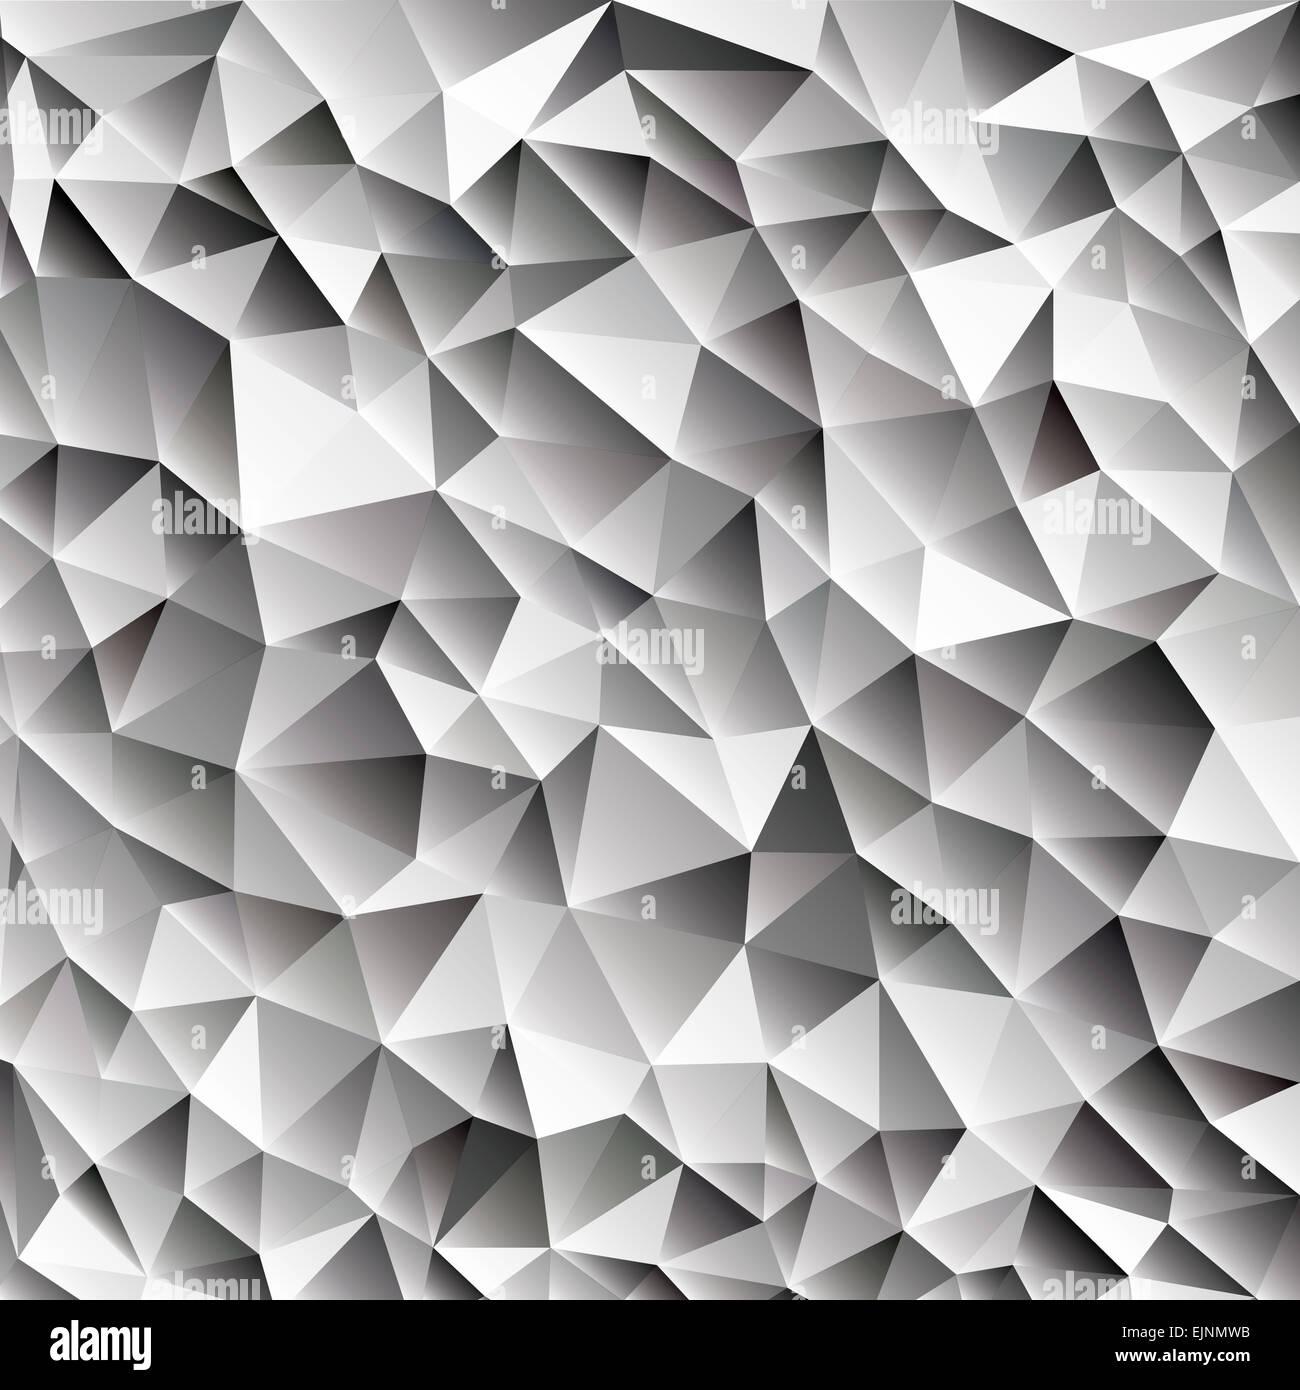 3d Abstract Scheint Eis Wurfel Vektor Geometrische